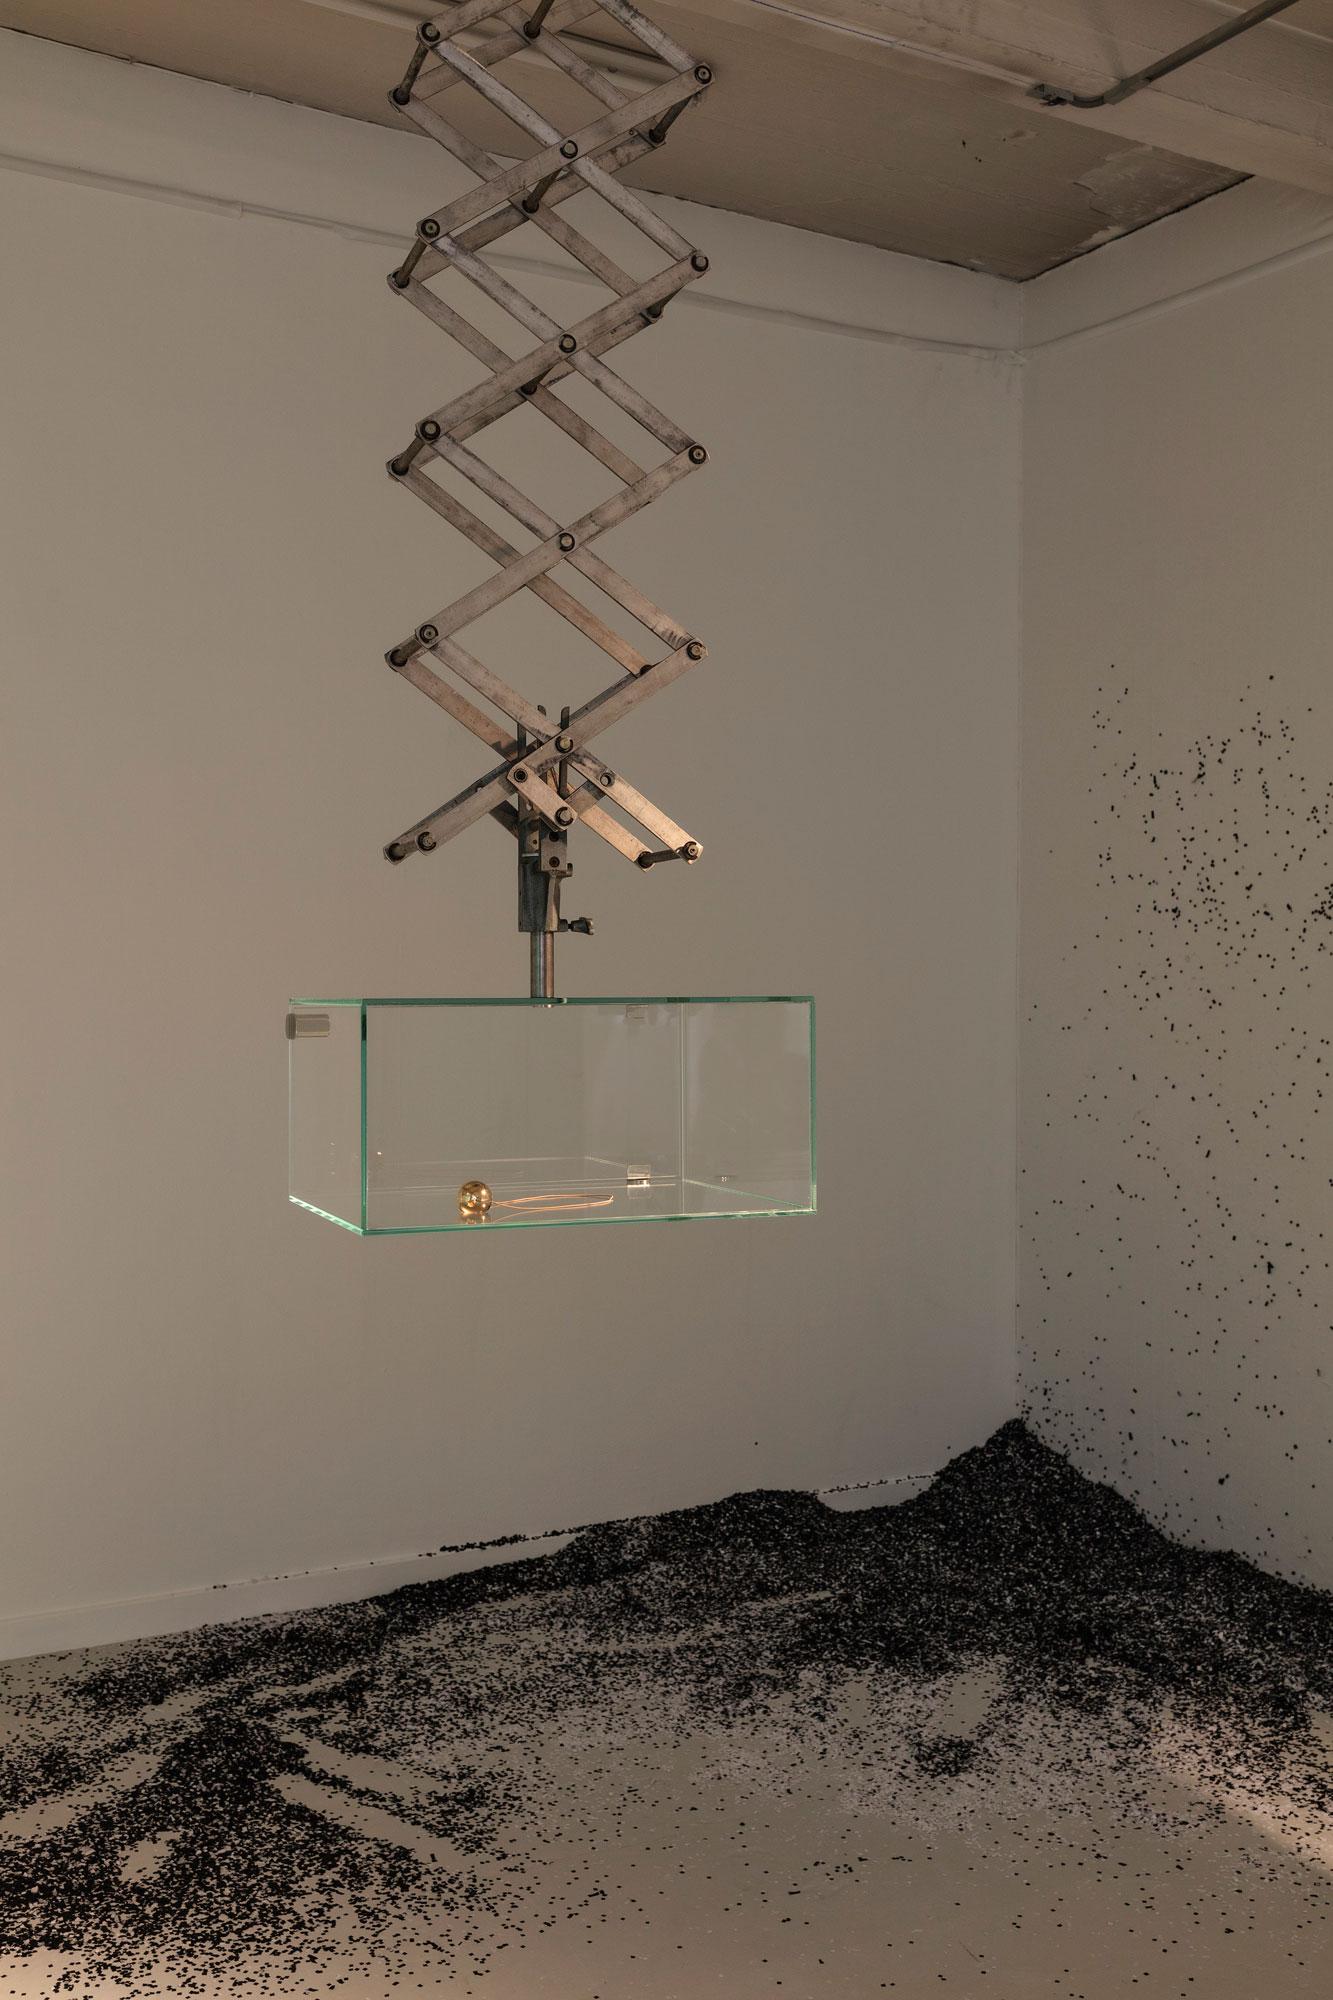 Molly Haslund: Klovnenæse/uventet adfærd, Installationsfoto, 2019. Foto: Dorte Krogh